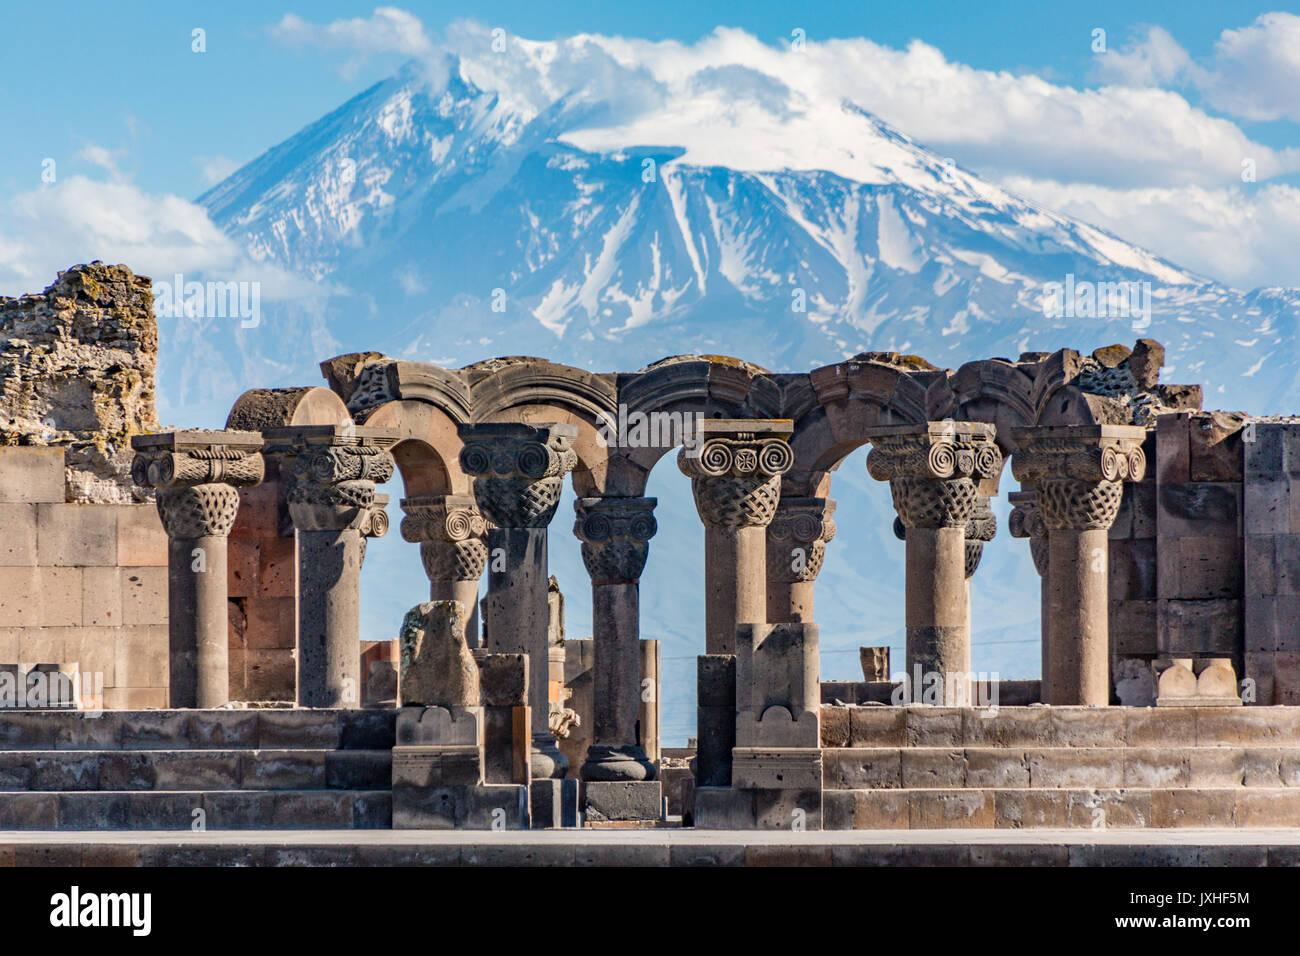 Ruínas do templo Zvartnos em Yerevan, Arménia, com Mt Ararat em segundo plano Imagens de Stock